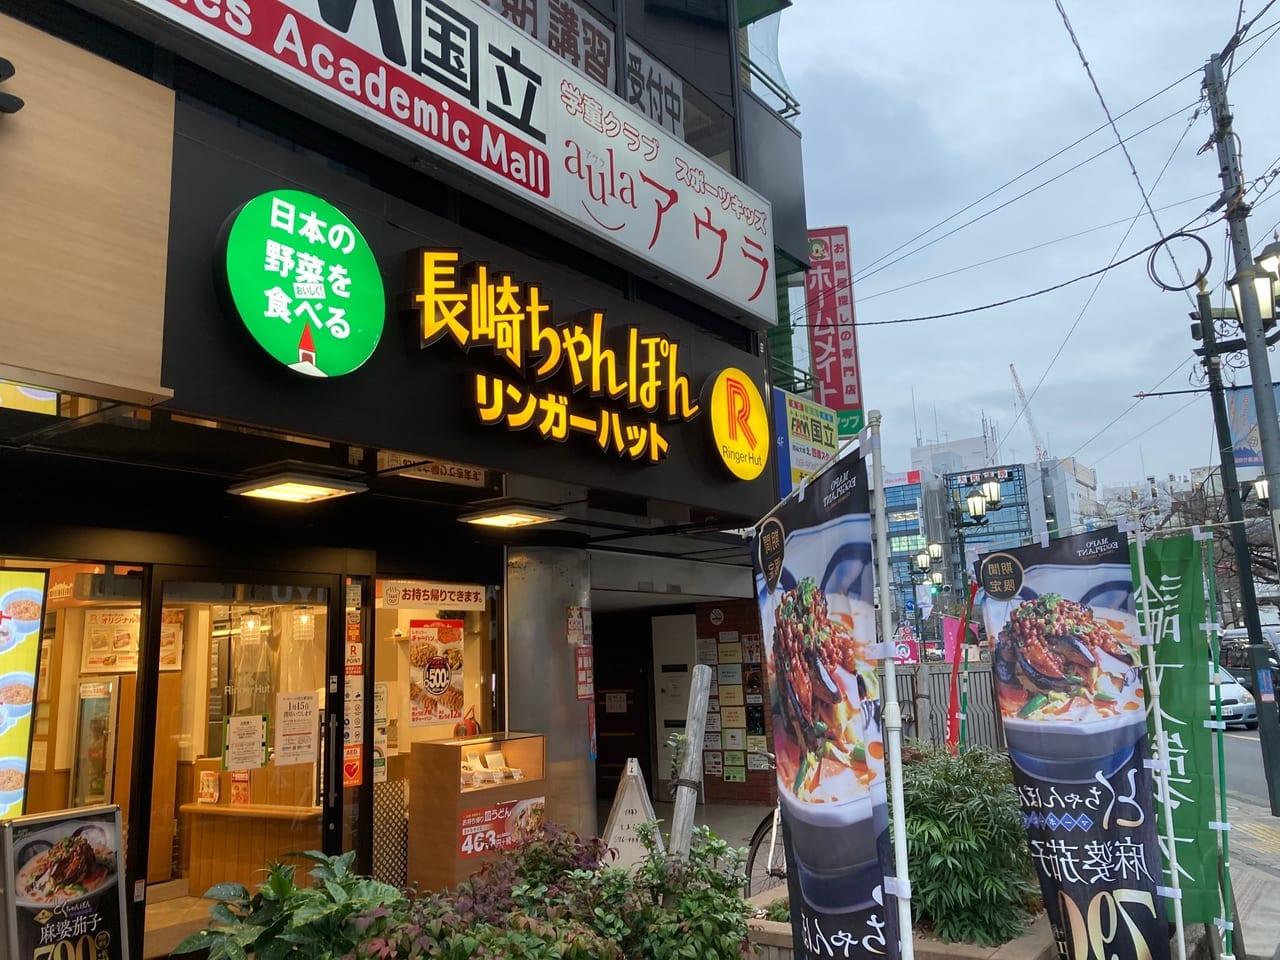 チェーン店の閉店が相次いでいます・・・長崎ちゃんぽん『リンガーハット 国立駅前店』が1月15日で閉店します。